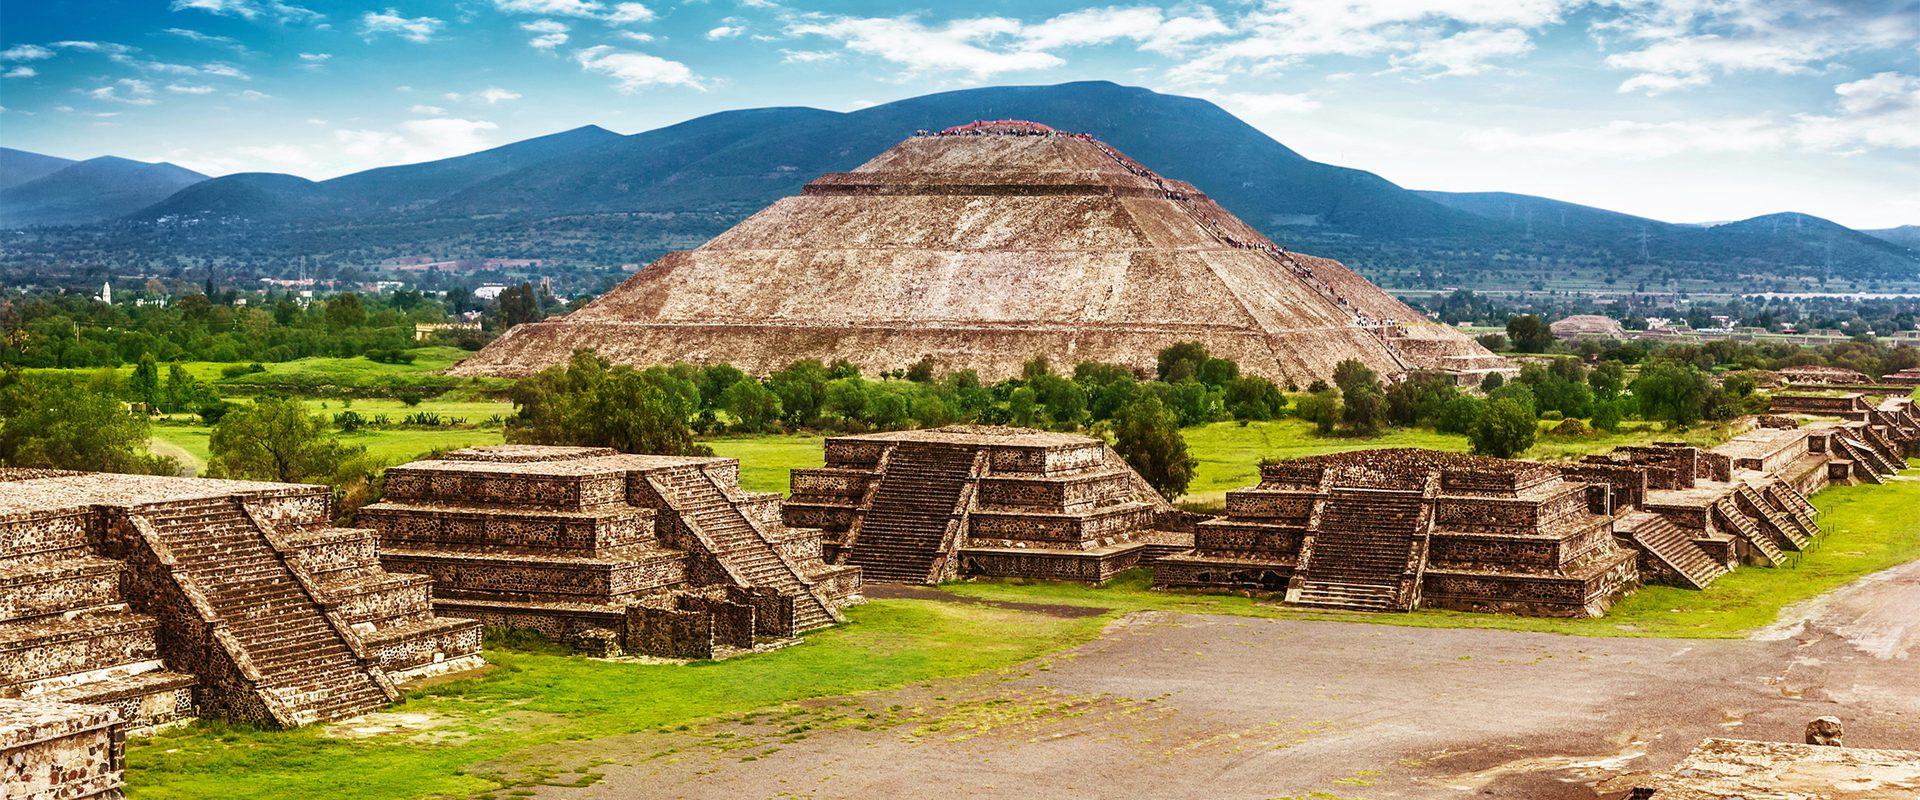 Teotihuacán - Viajeros con B